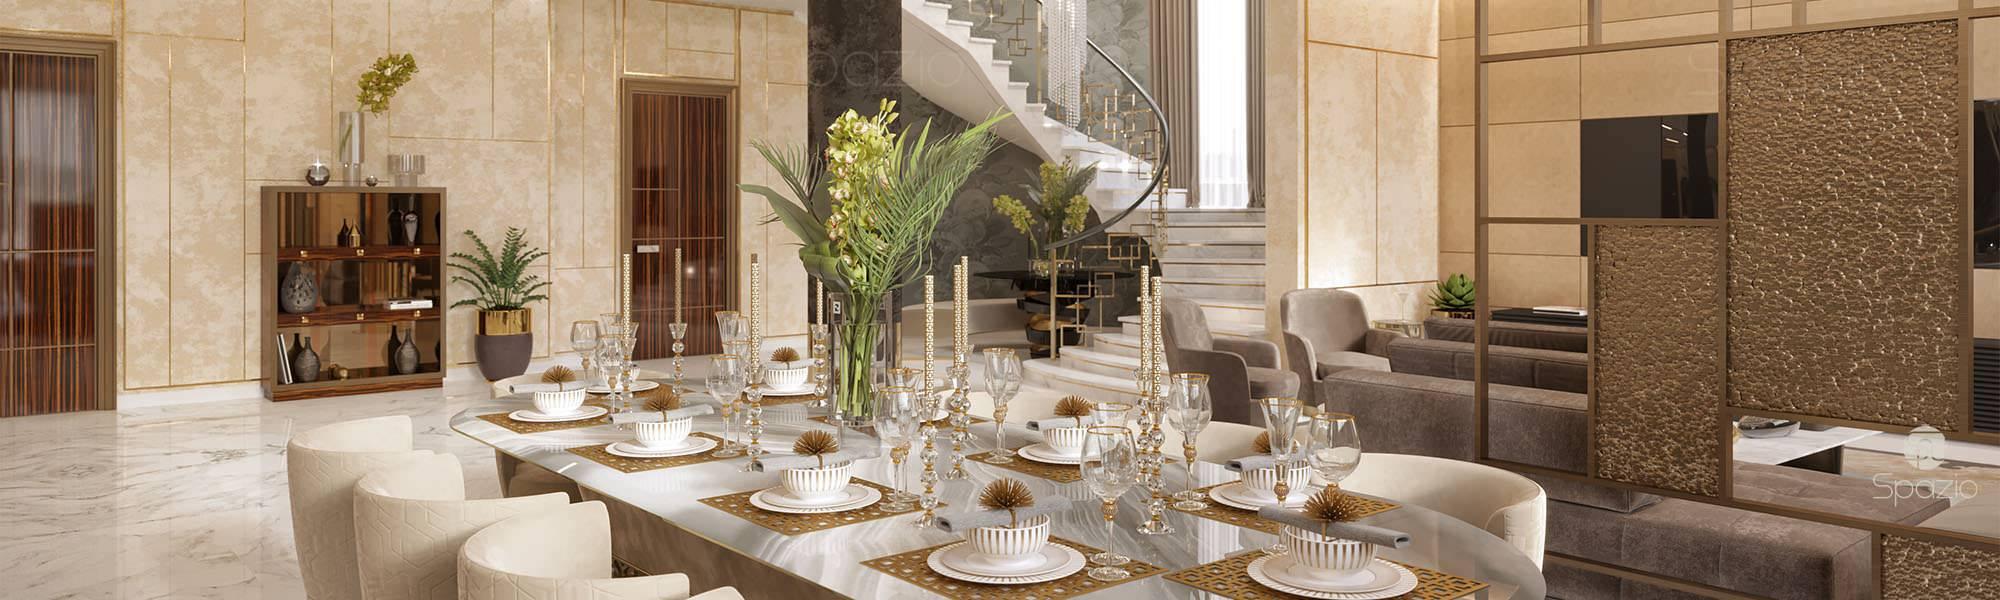 dining room | Spazio Interior Decoration LLC, Dubai | Spazio